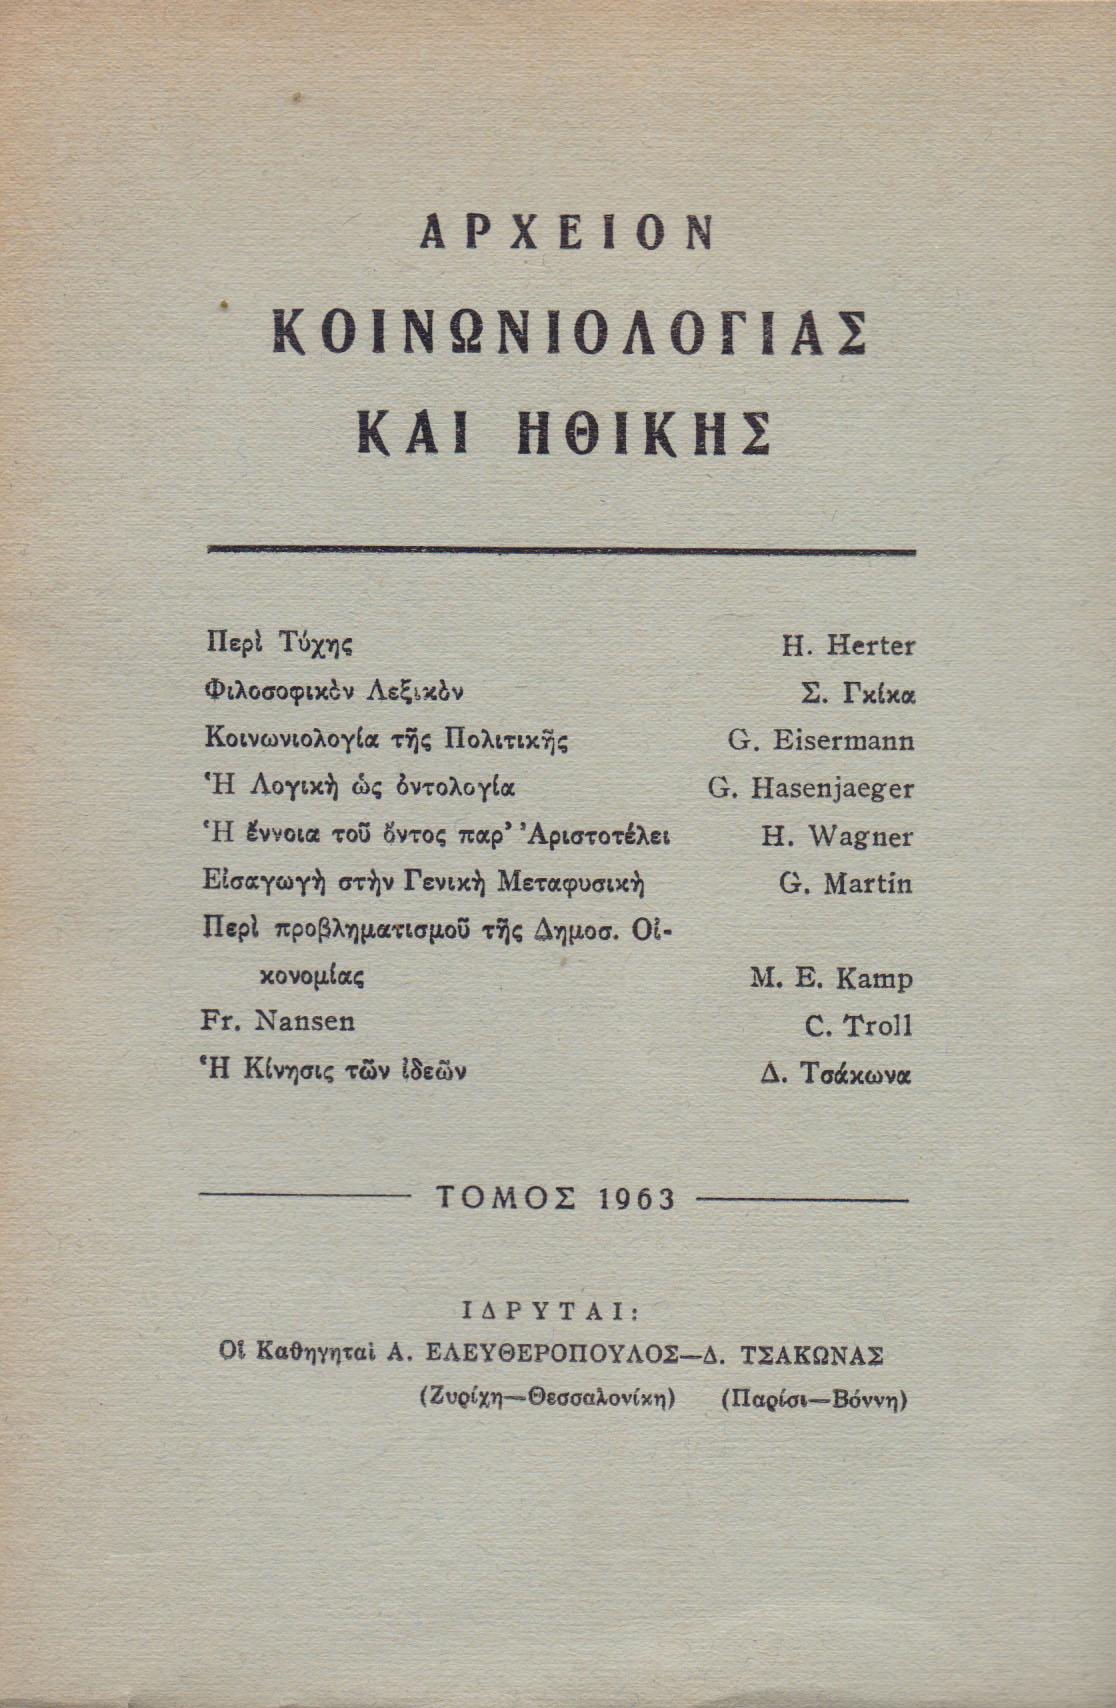 ARXEION KOINONIOLOGIAS KAI ITHIKIS